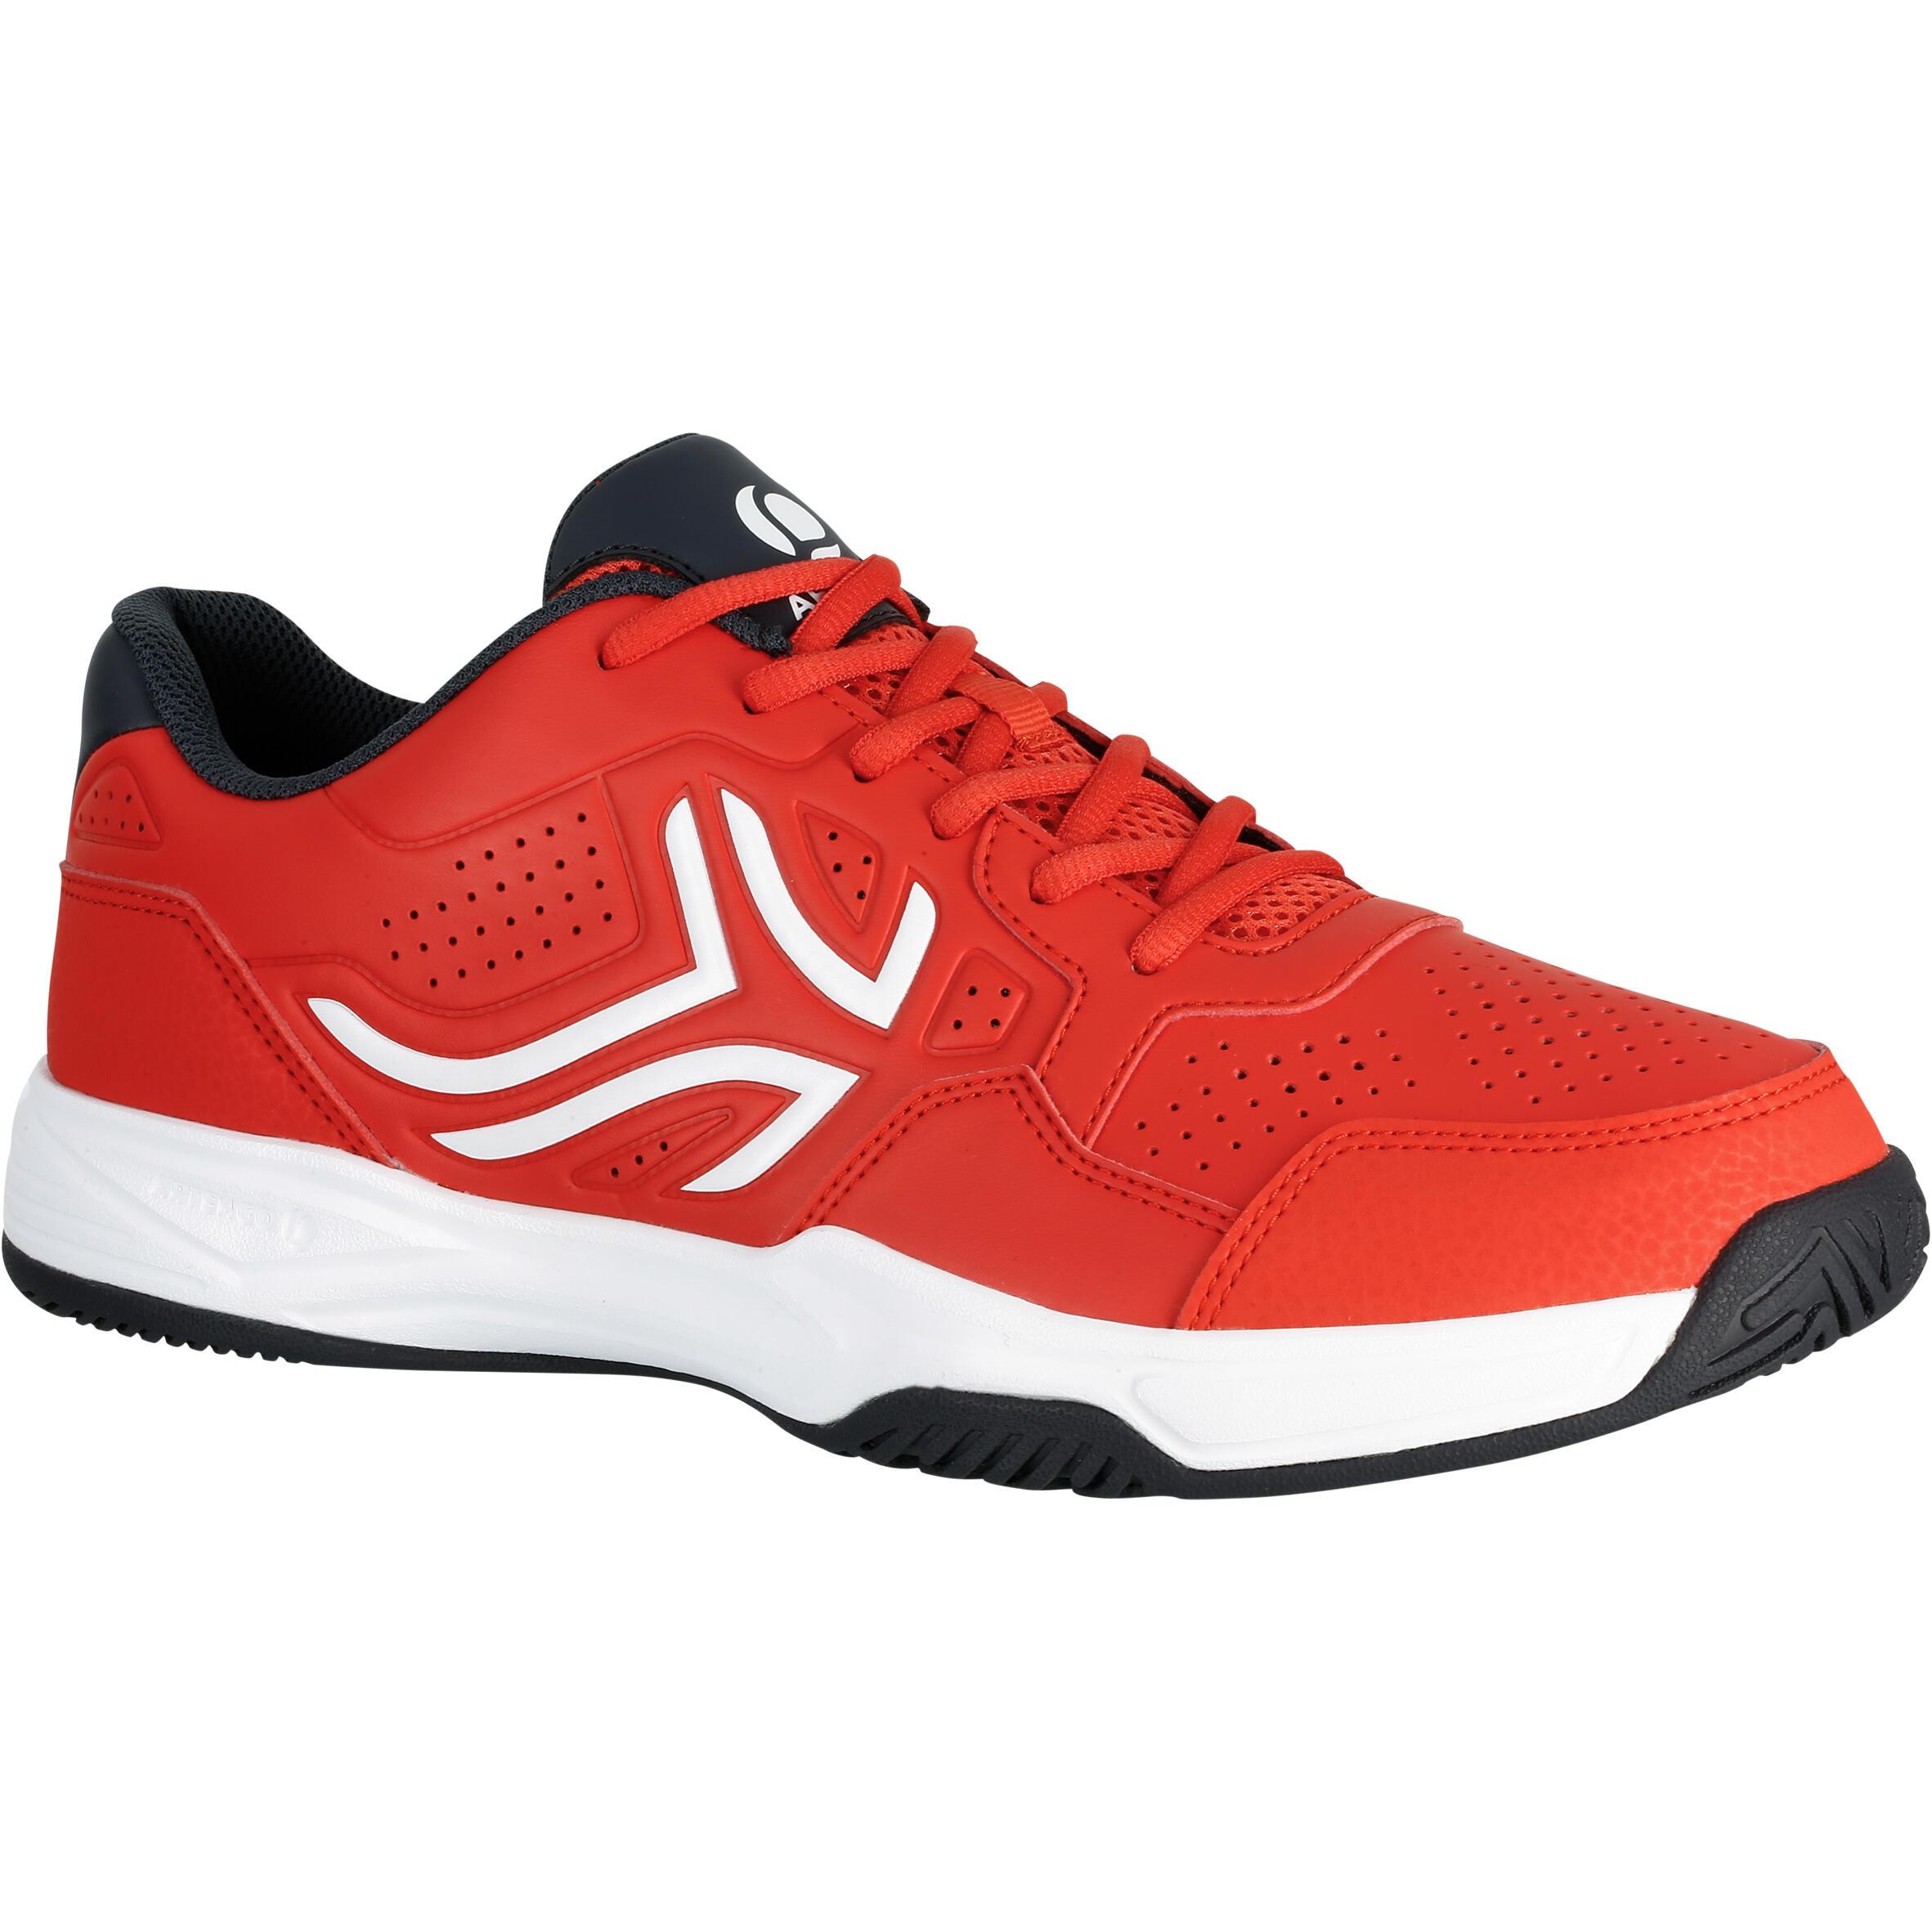 Artengo Tennisschoenen voor heren TS190 rood multicourt